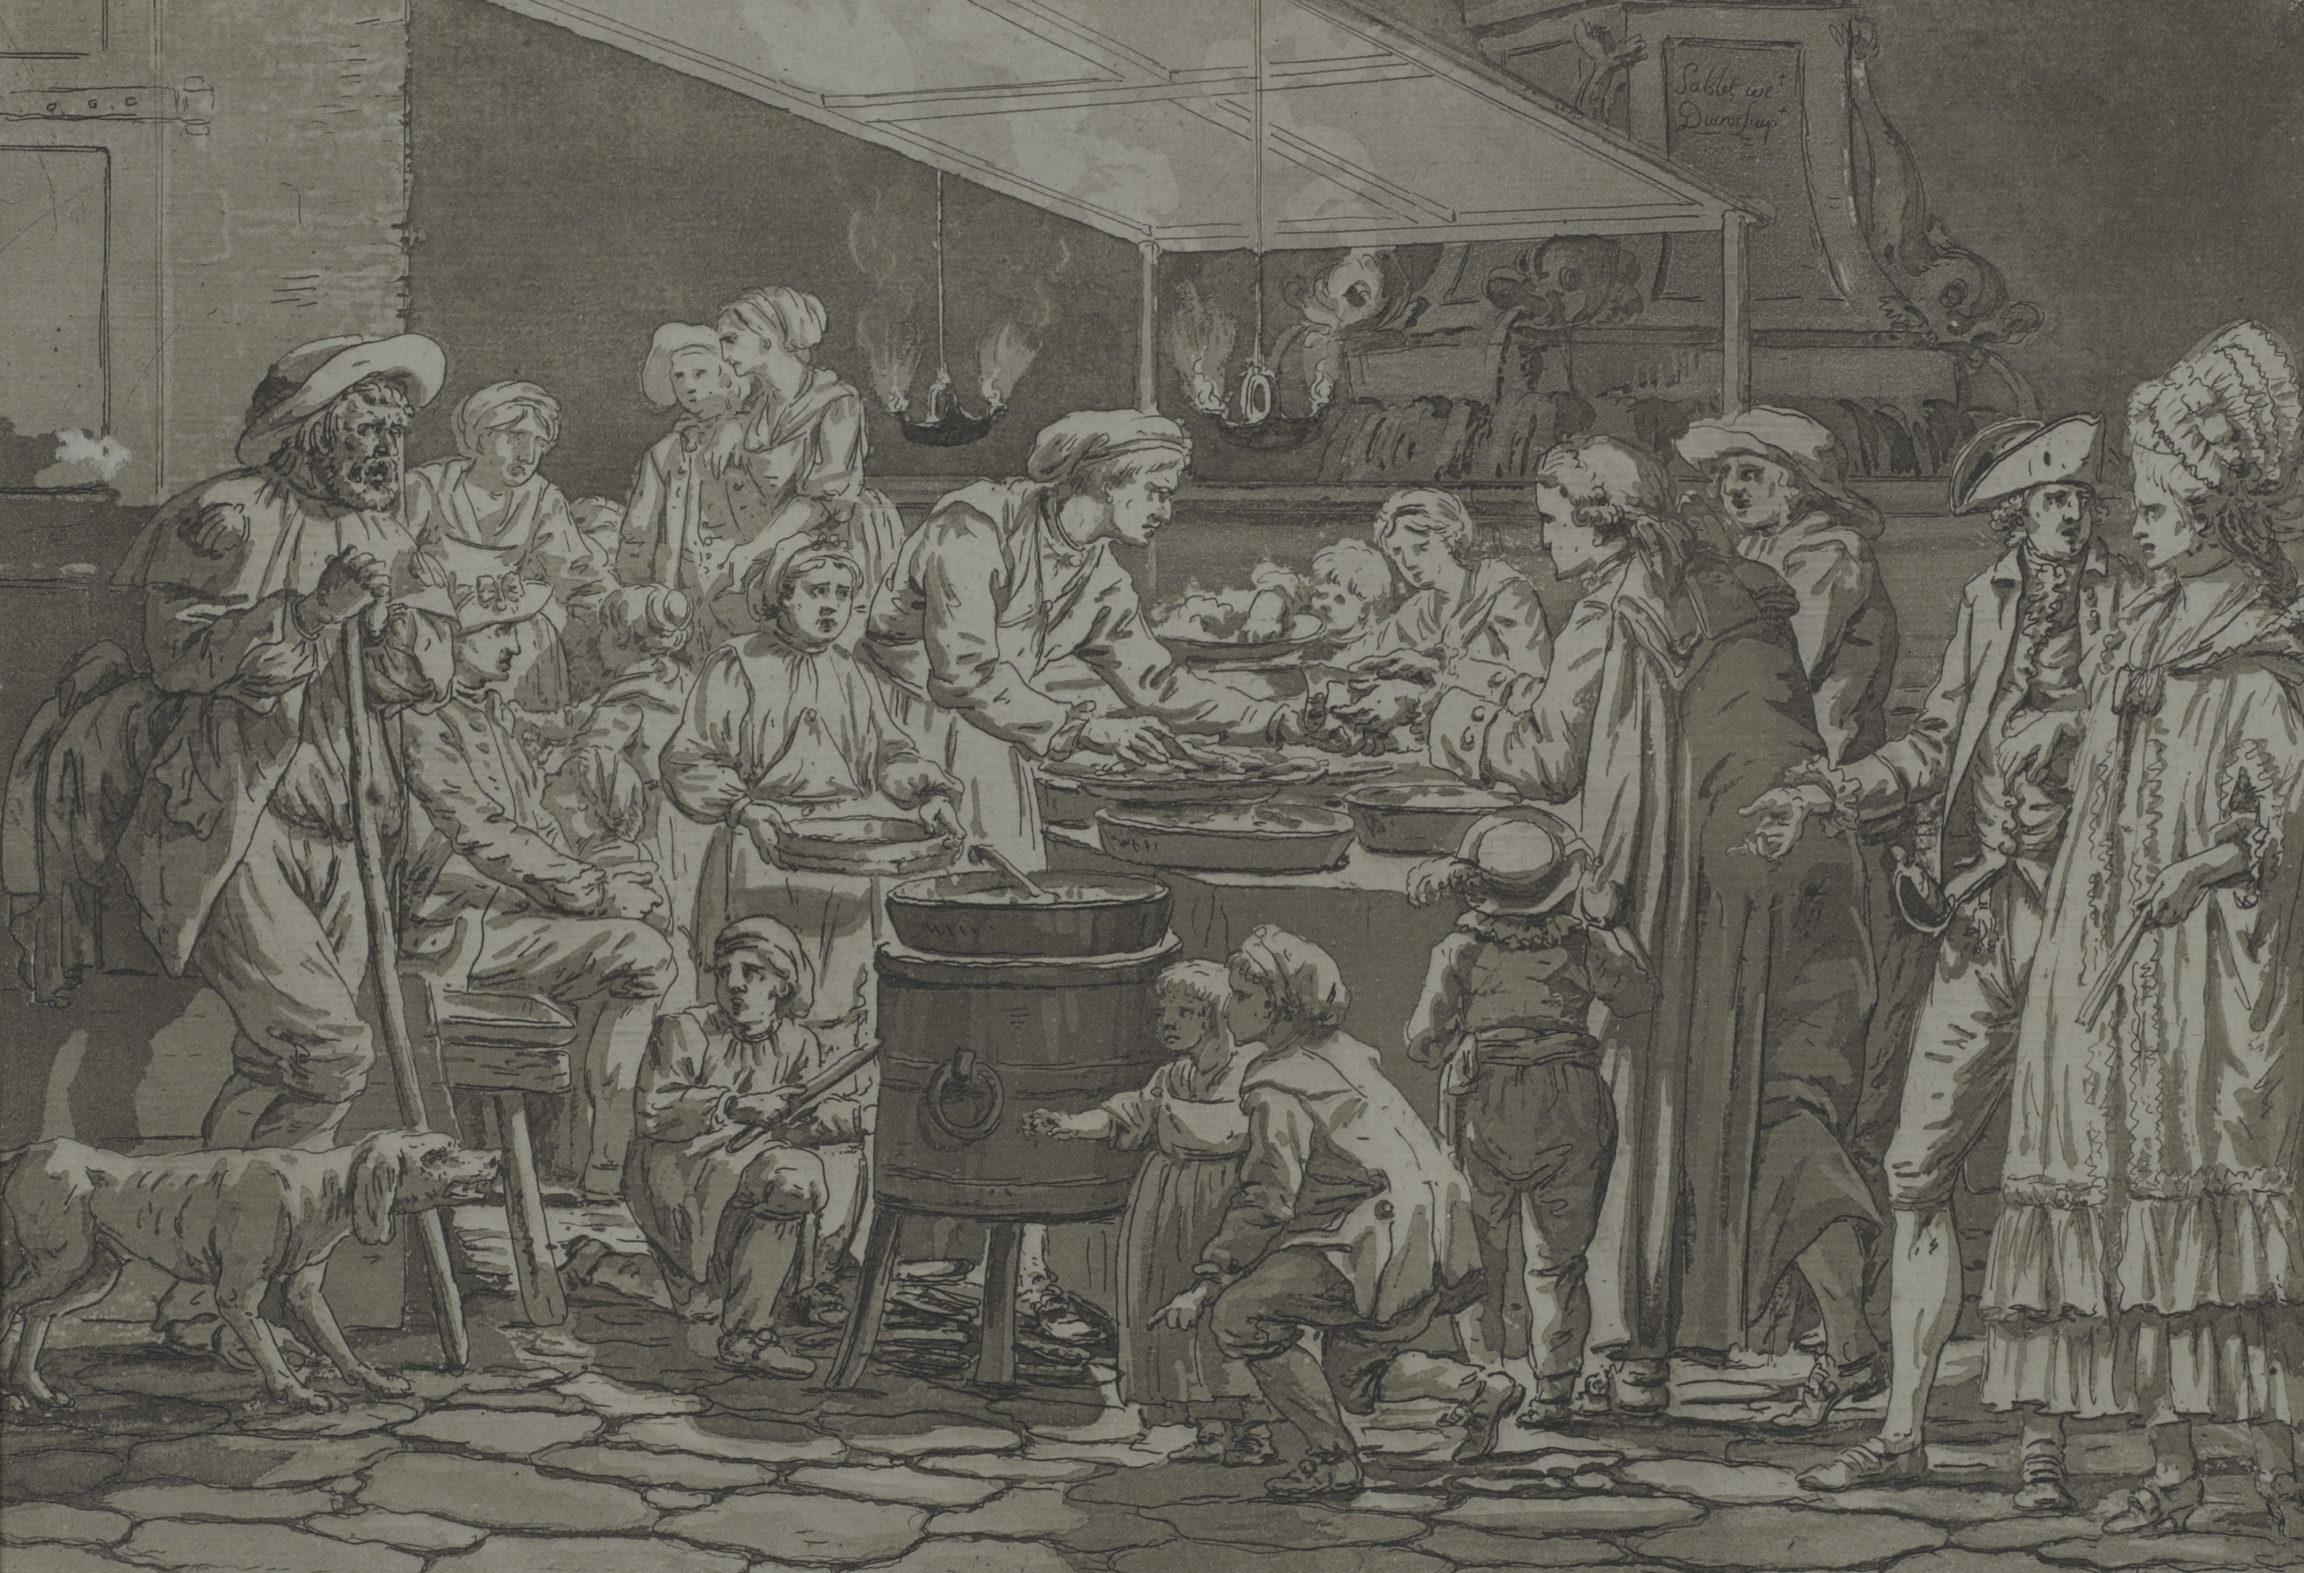 Louis Ducros, Le marchand de fritures, 1782